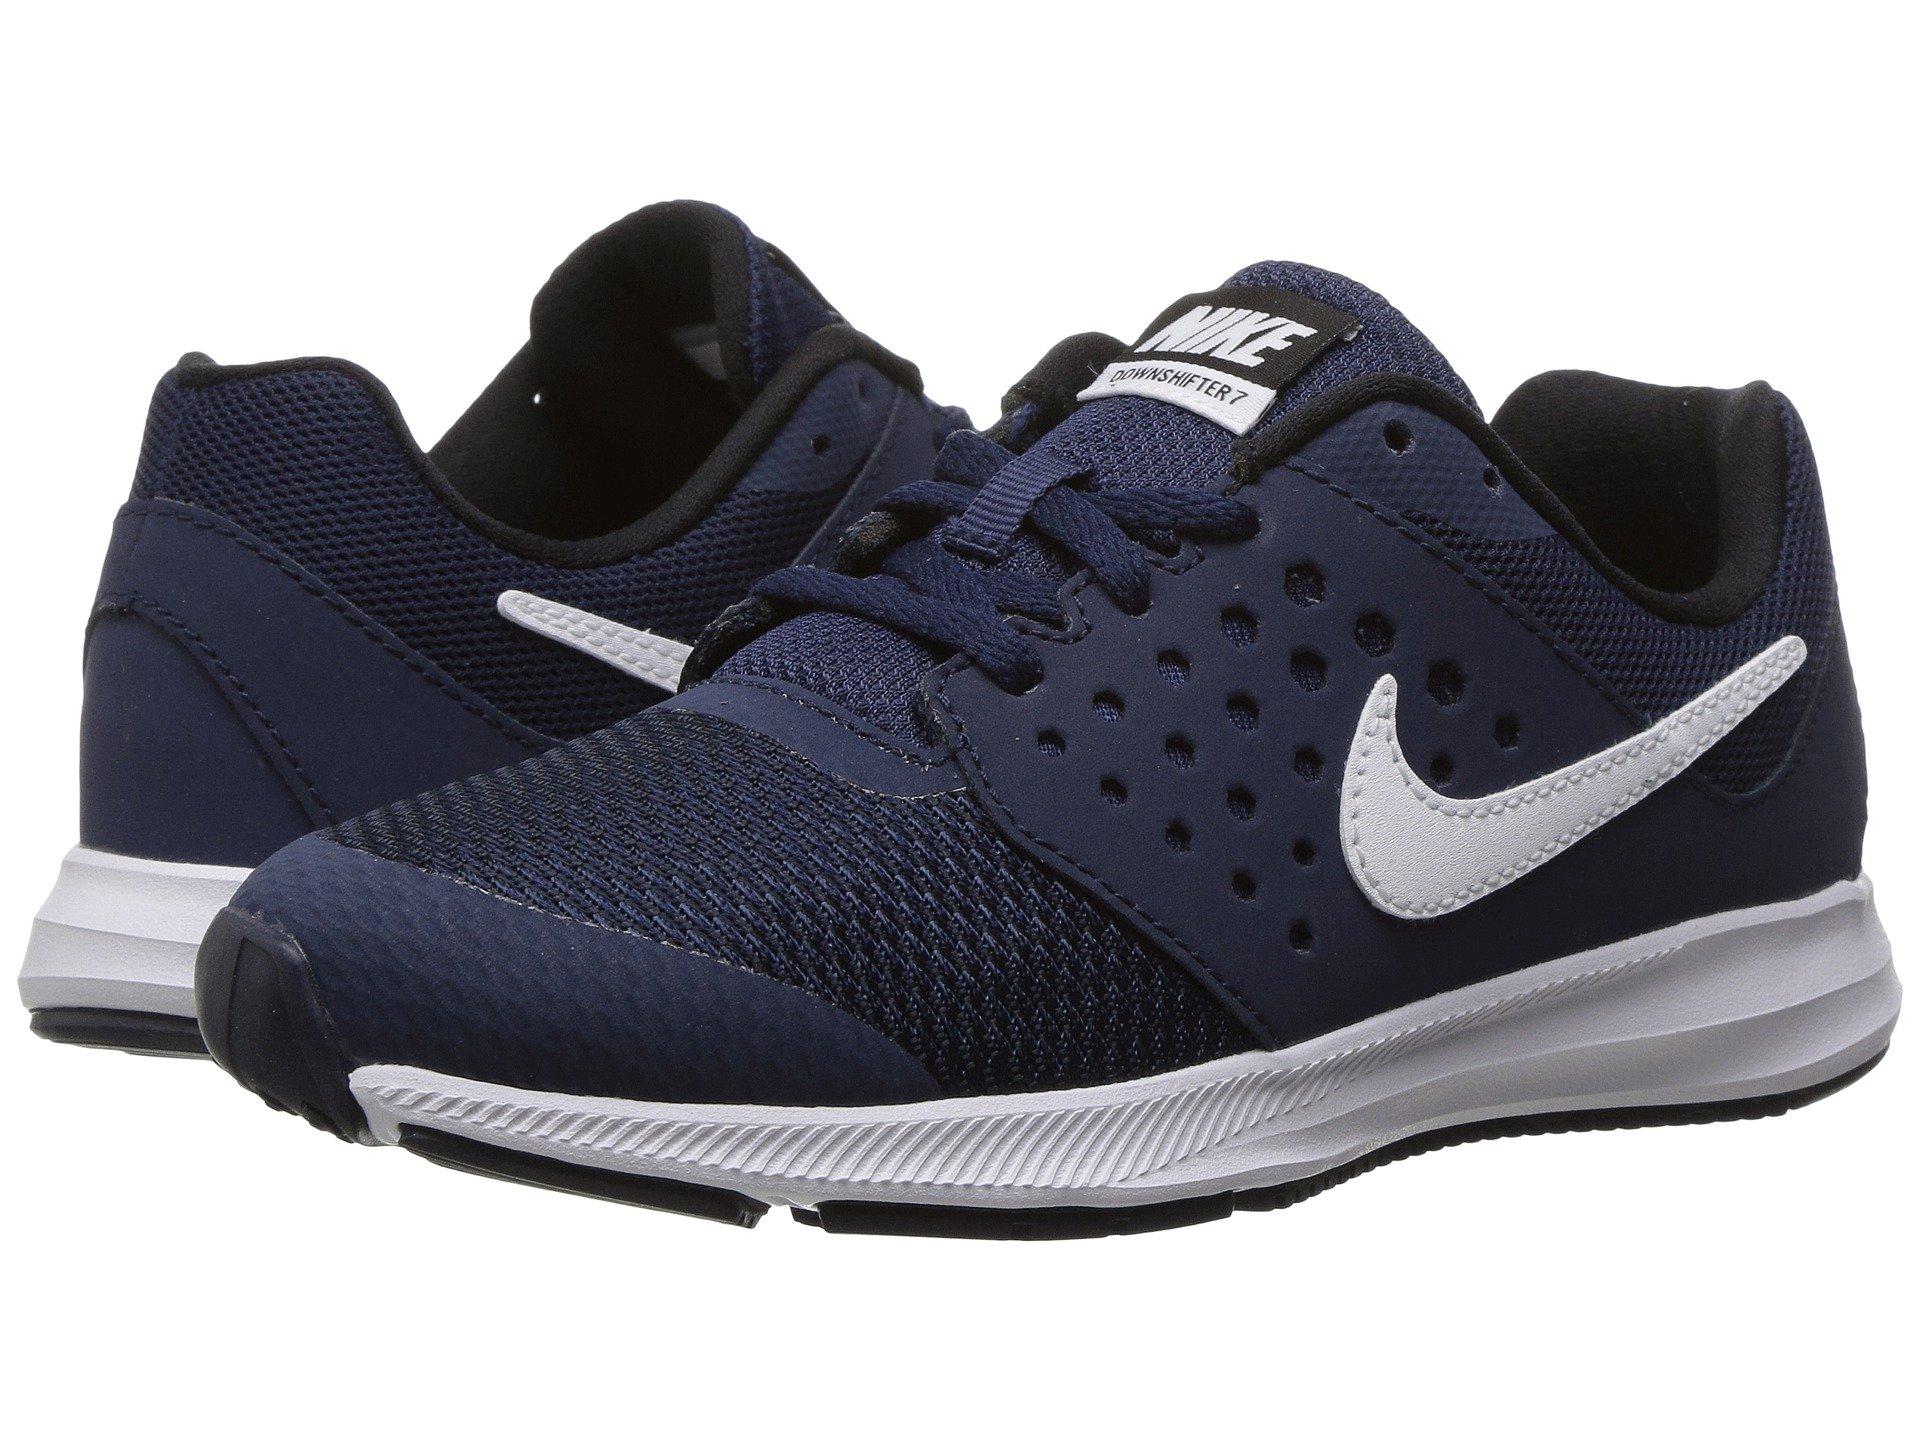 Nike Free Run 4.0 Womens Cool Grey  7853eebe7